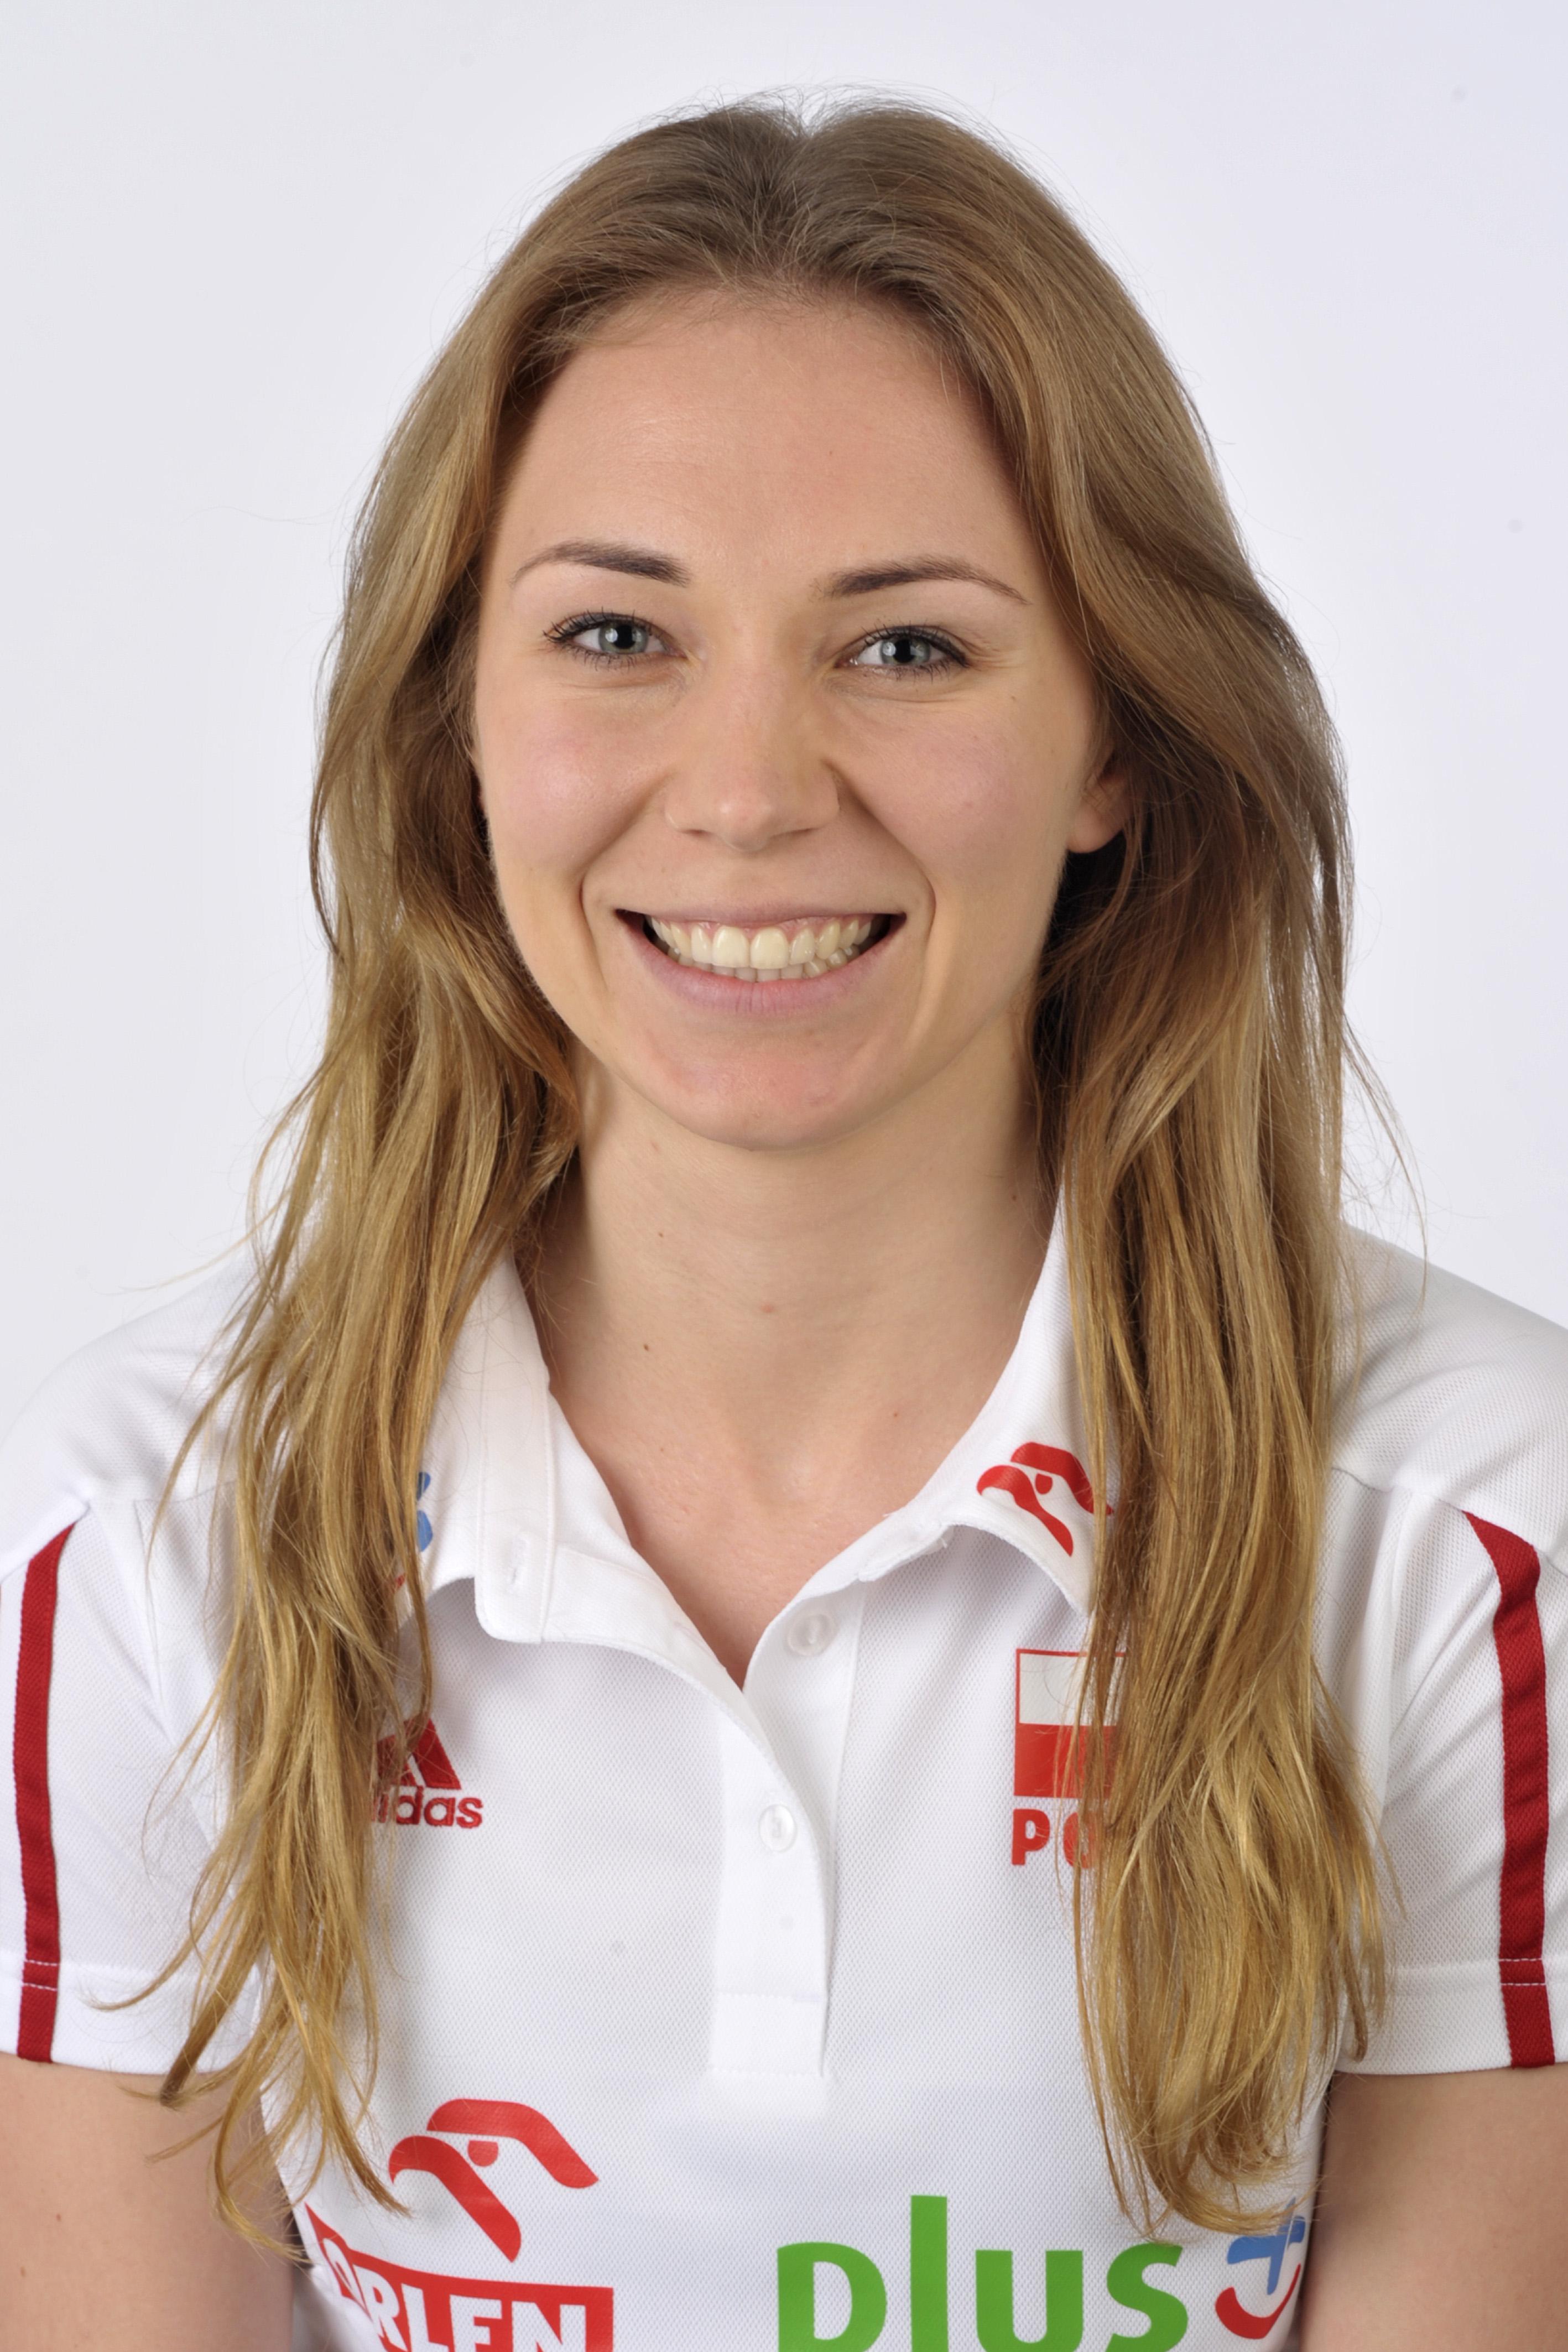 Marlena Plesnierowicz